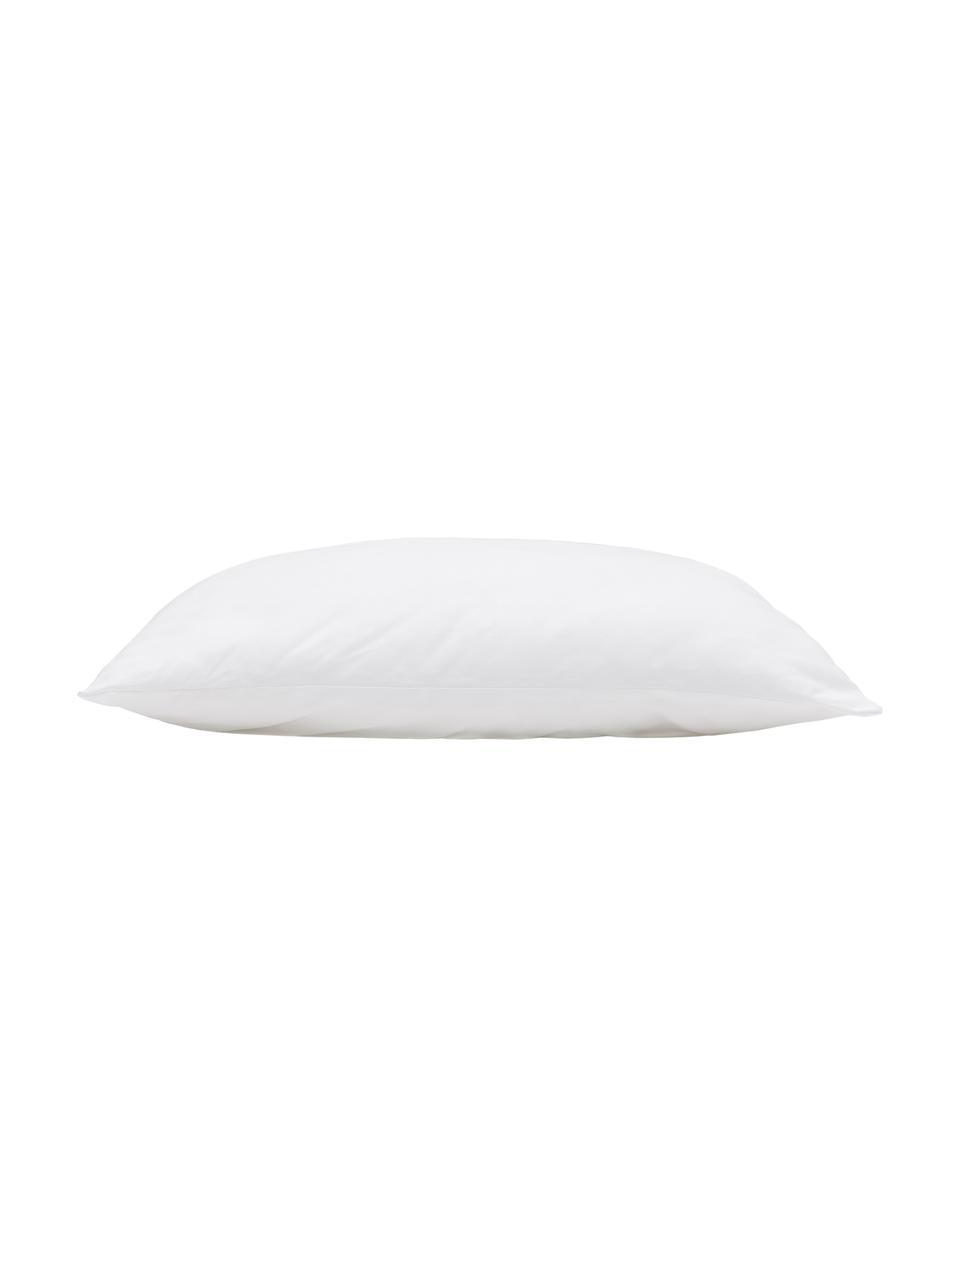 Wkład do poduszki dekoracyjnej z mikrofibry Sia, 60x60, Biały, S 60 x D 60 cm